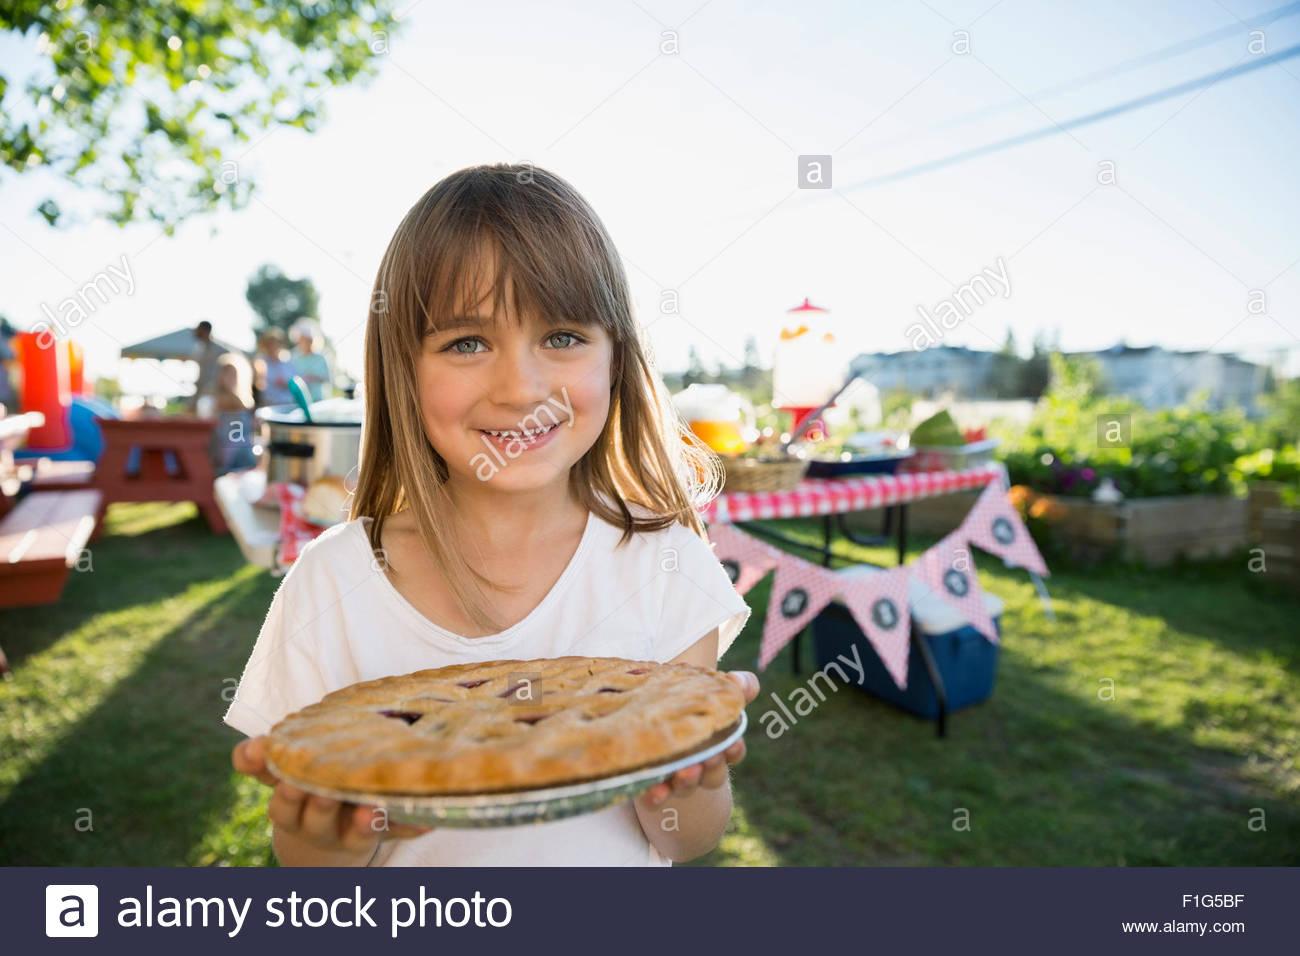 Retrato chica sonriente Celebración horneadas parque circular Imagen De Stock